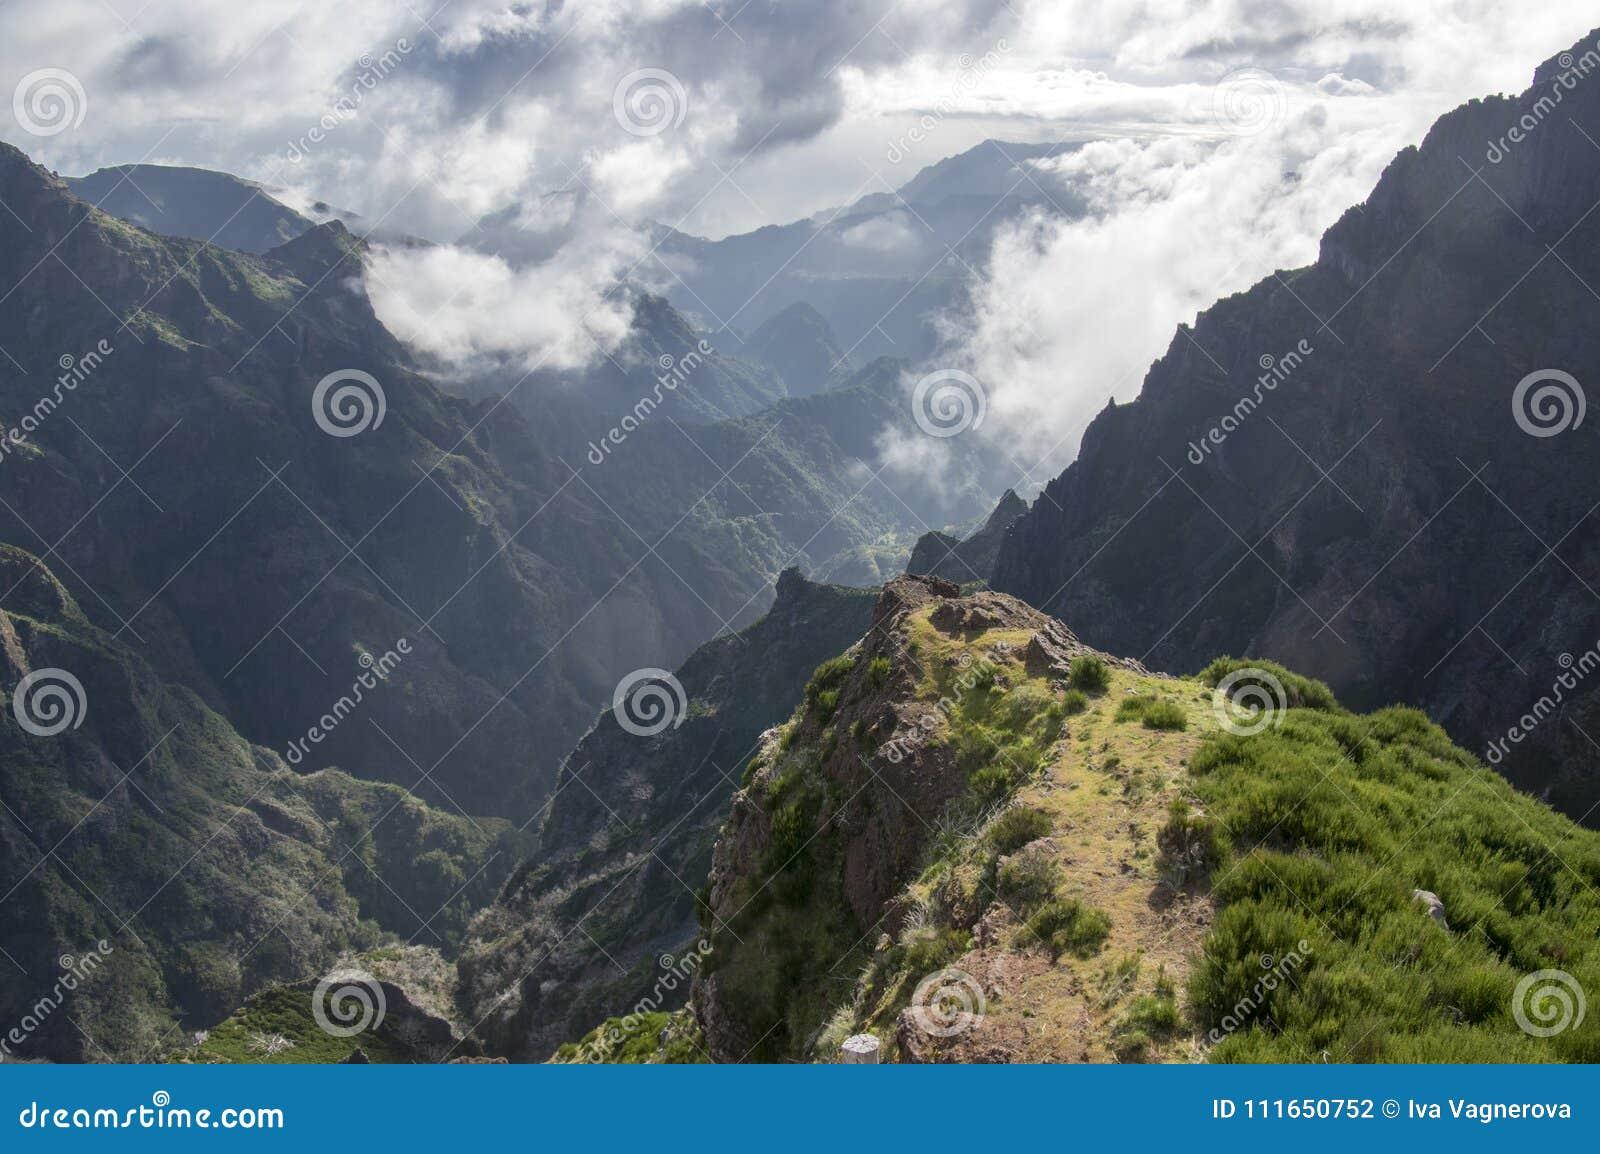 Pico font le sentier de randonnée d Arieiro, le paysage magique étonnant avec des vues incroyables, les roches et la brume, vue d